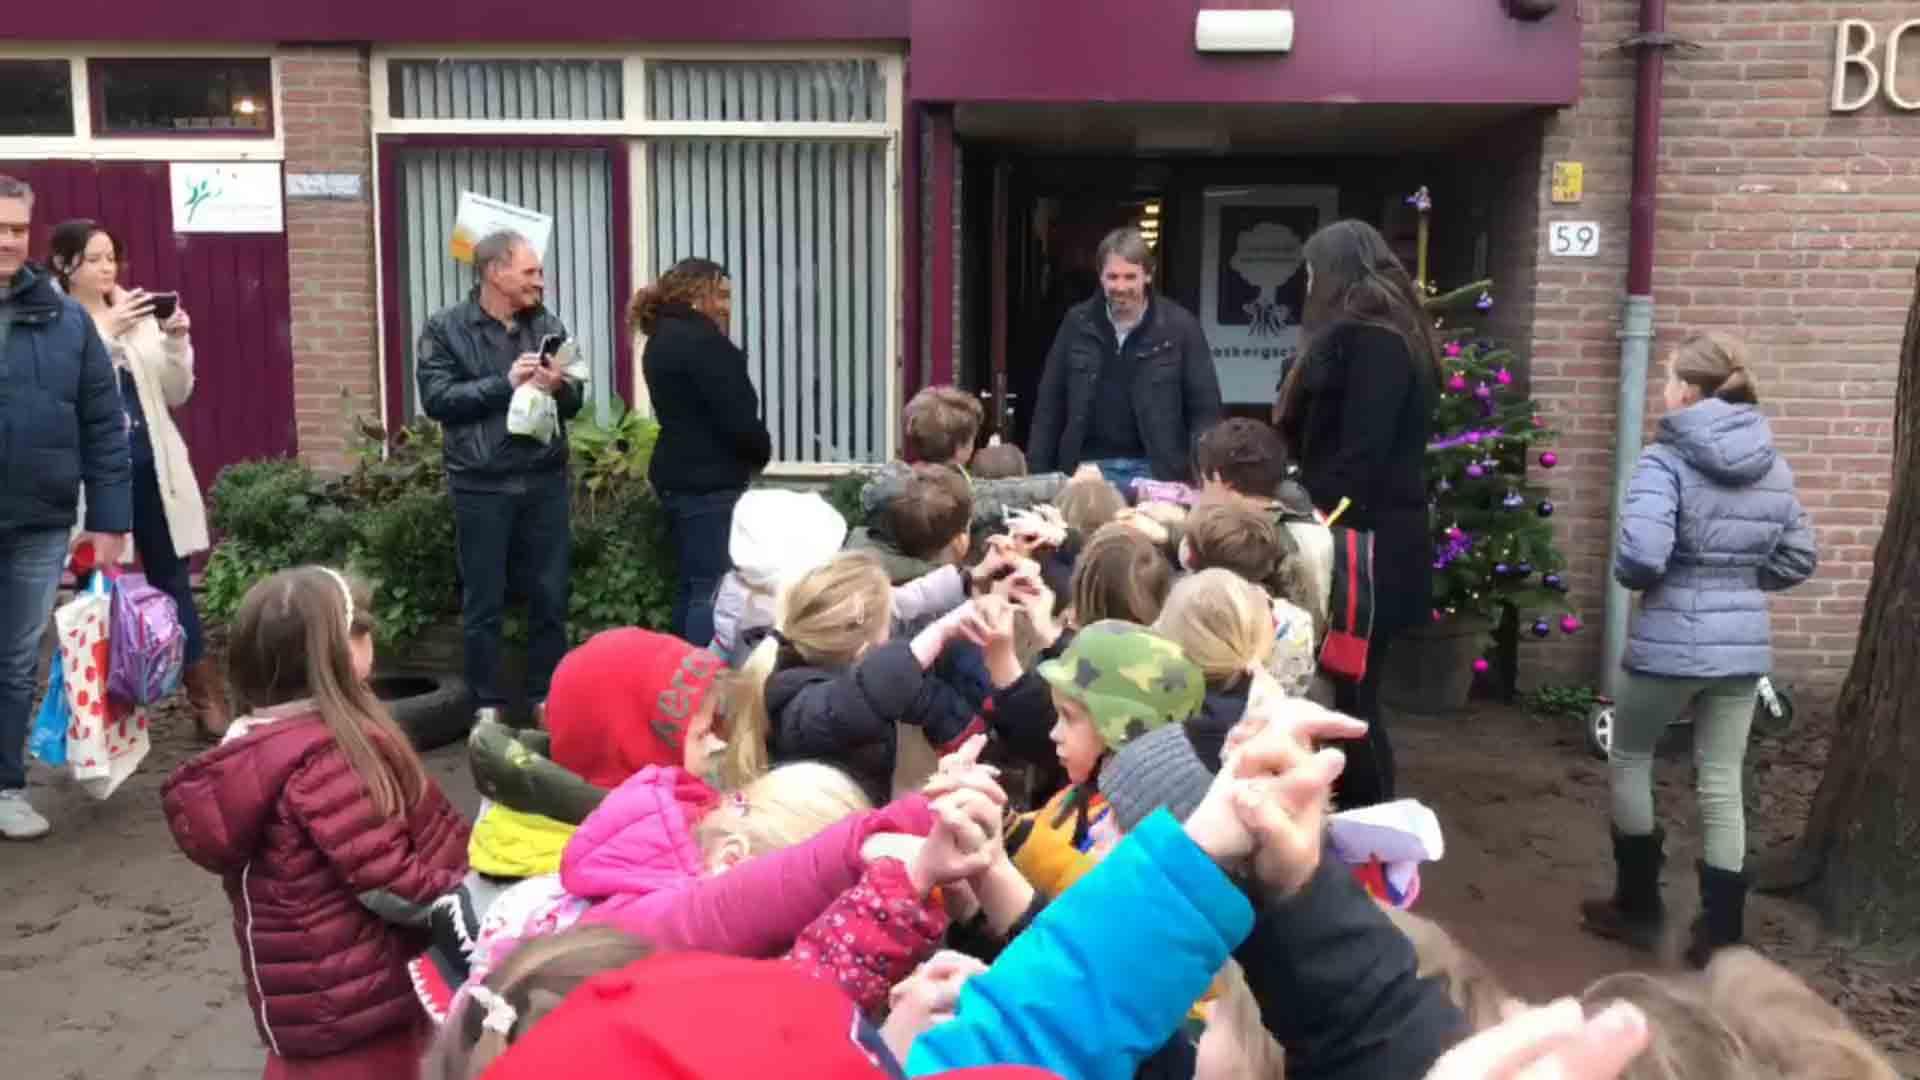 Bosbergschool - Afscheid Ronald de Moor